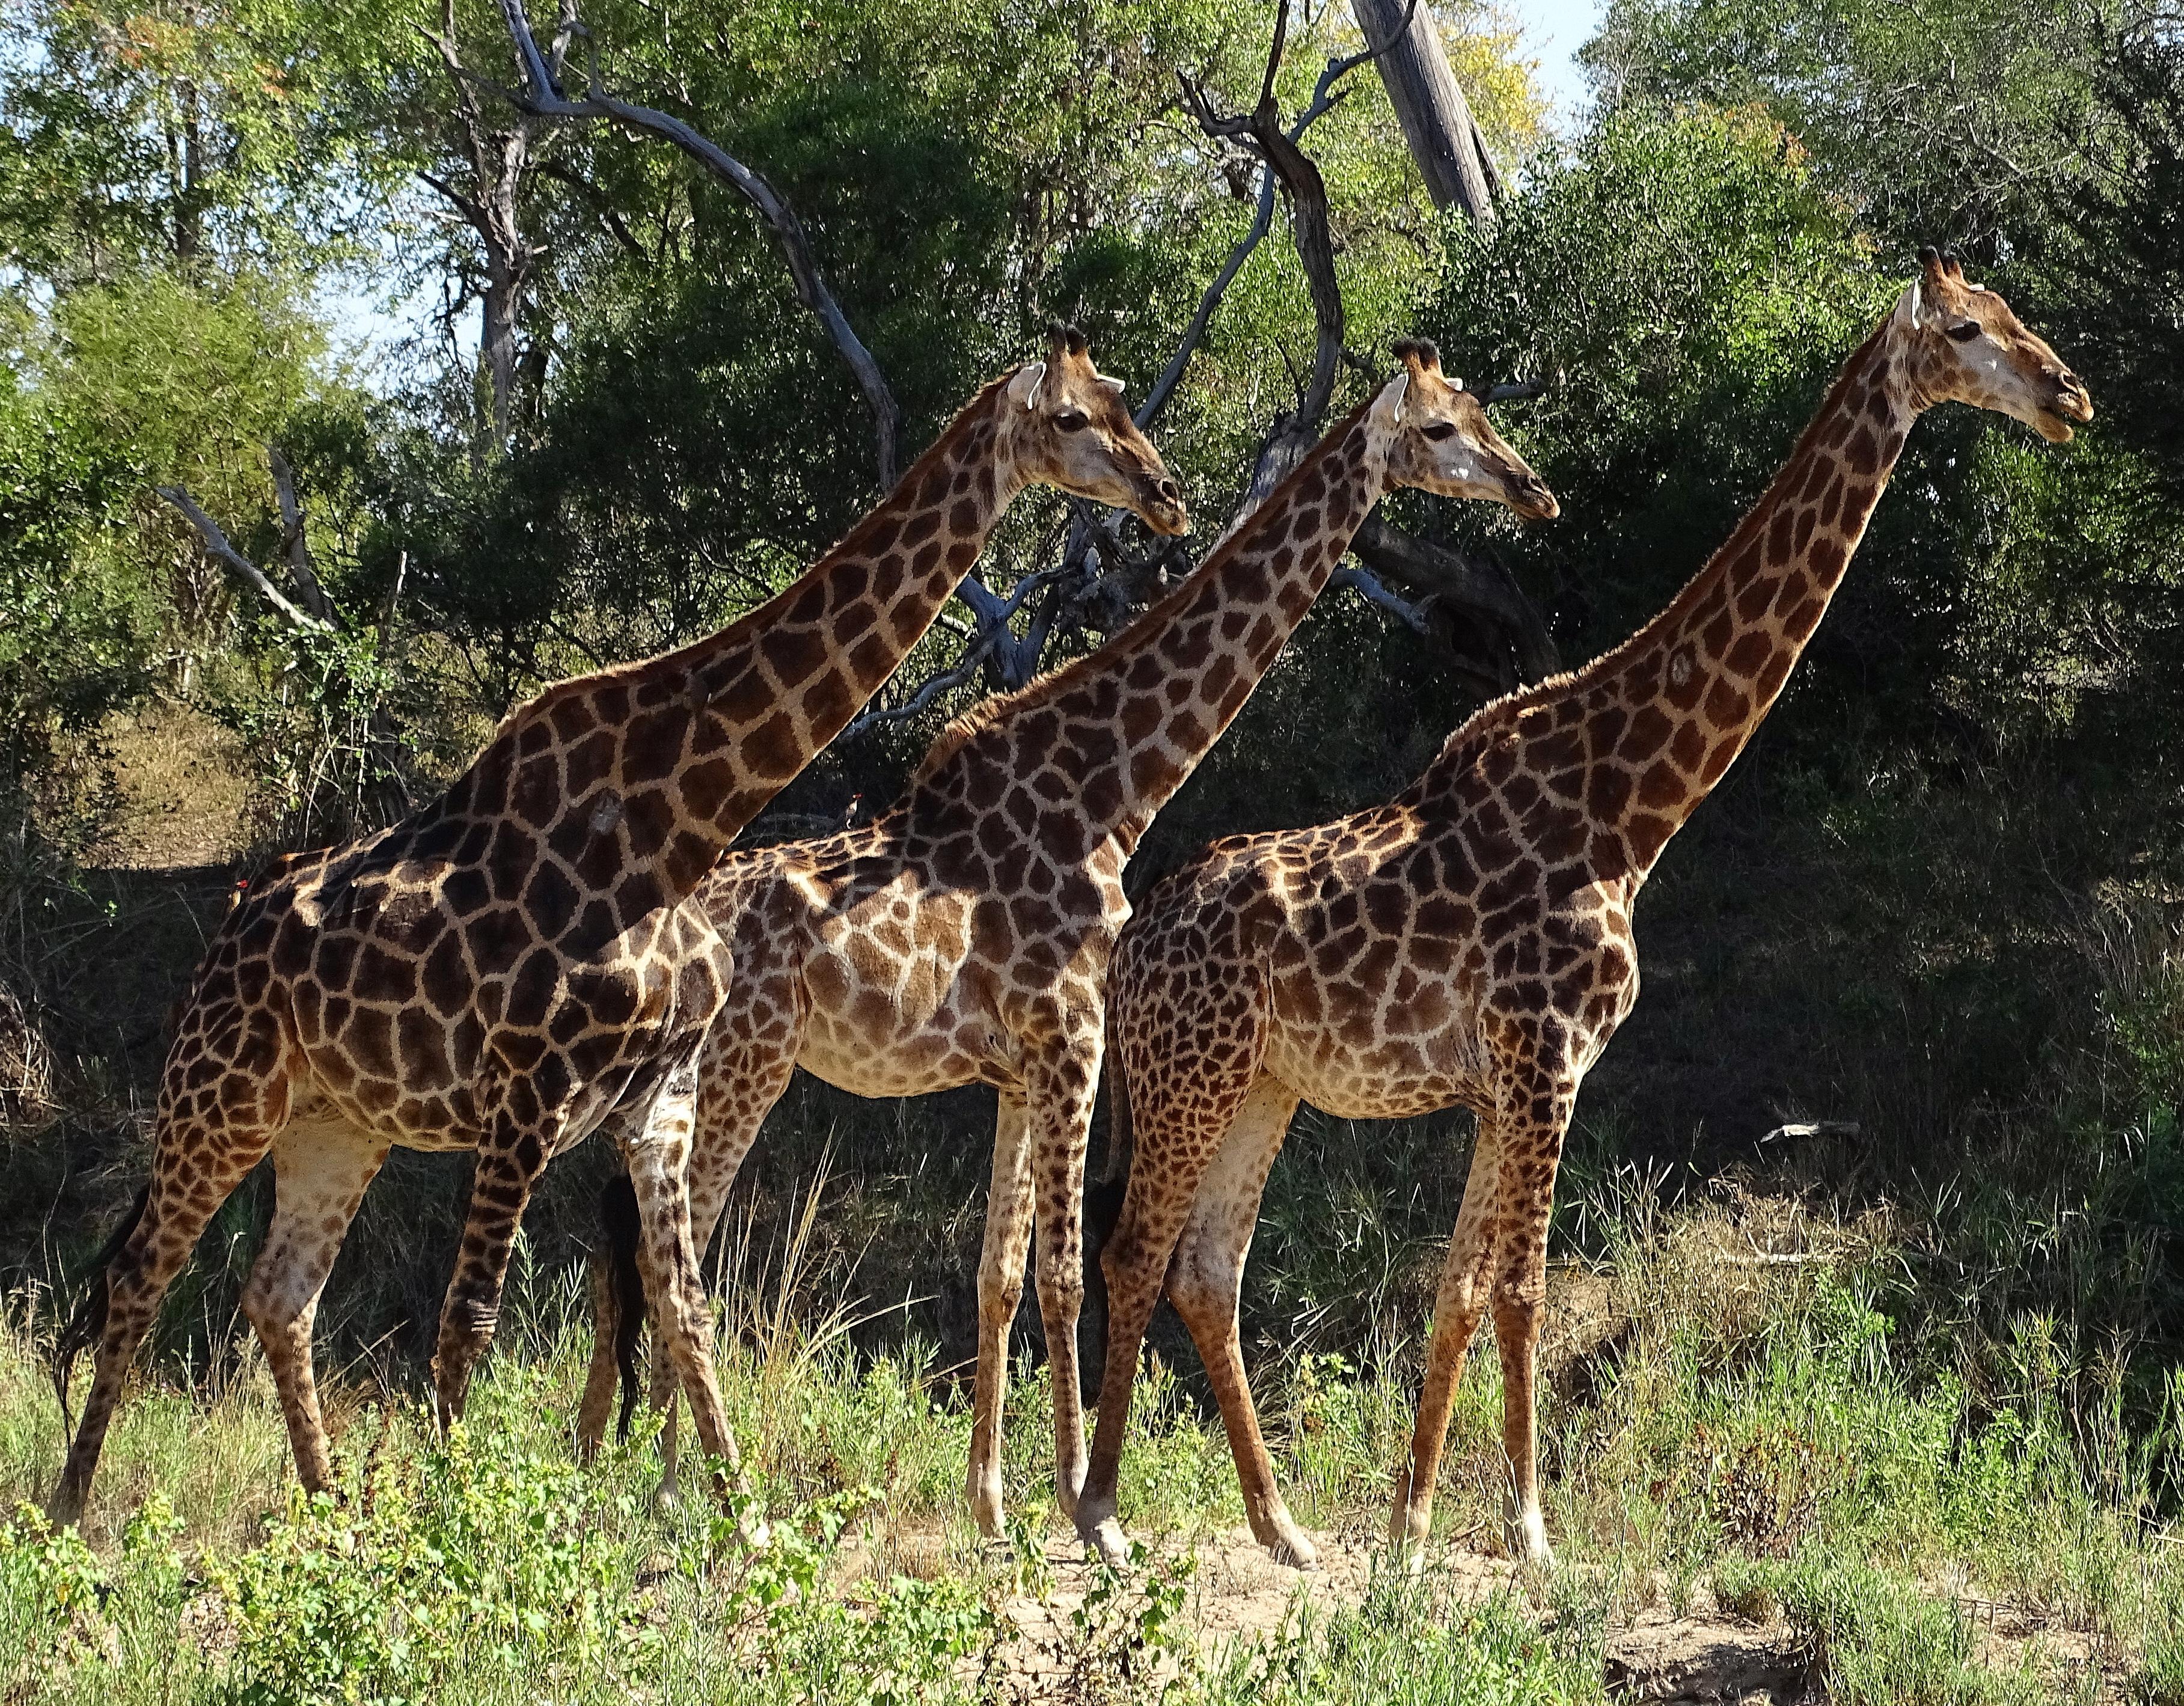 Real three headed animals